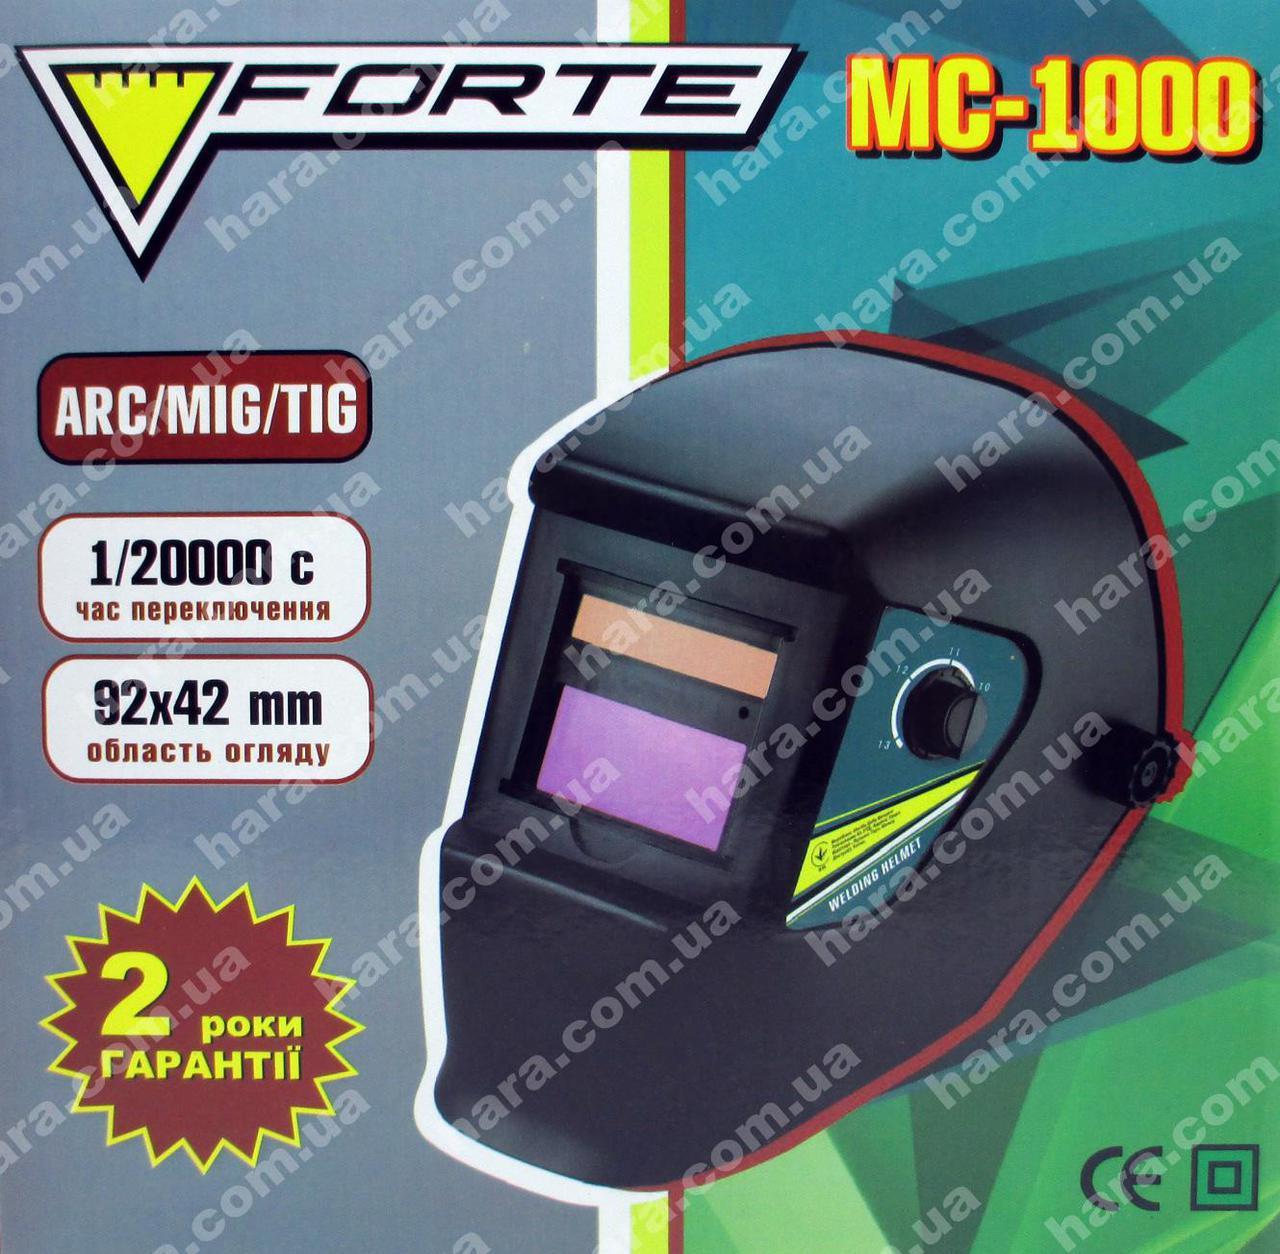 Сварочная маска Forte МС-1000